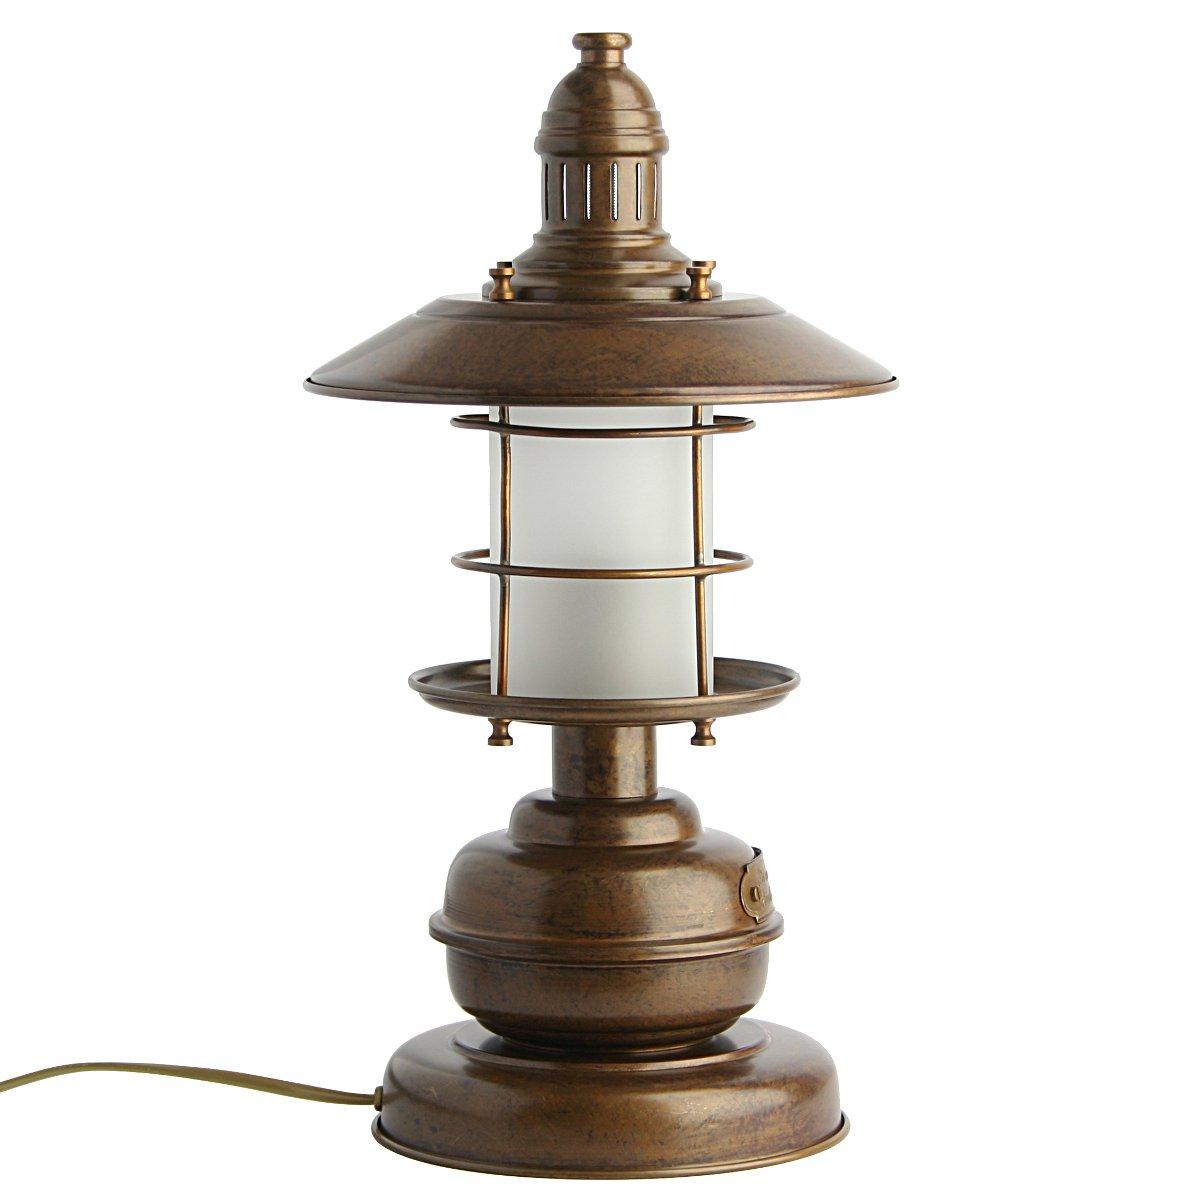 maritime tischlampe im stil einer antiken schiffslampe g nstig kaufen bei lampen suntinger shop. Black Bedroom Furniture Sets. Home Design Ideas